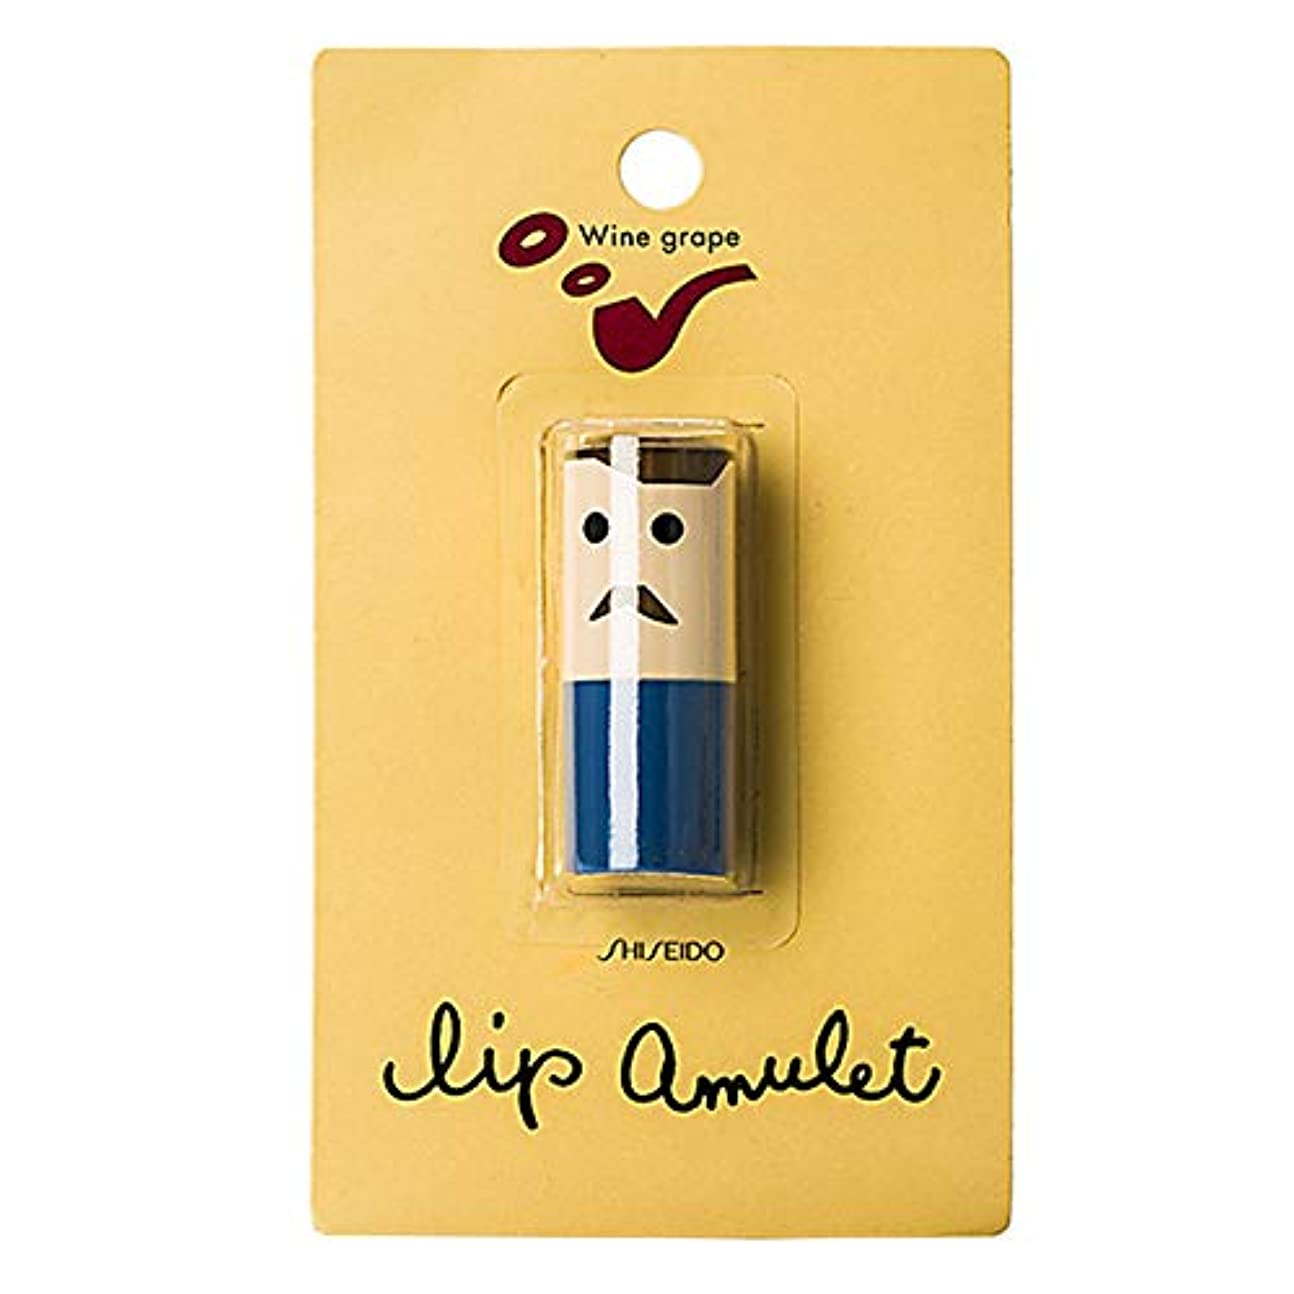 ヘリコプター聴覚障害者チーズ【台湾限定】資生堂 Shiseido リップアミュレット Lip Amulet お土産 コスメ 色つきリップ 単品 葡萄酒紅 (ワイングレープ) [並行輸入品]